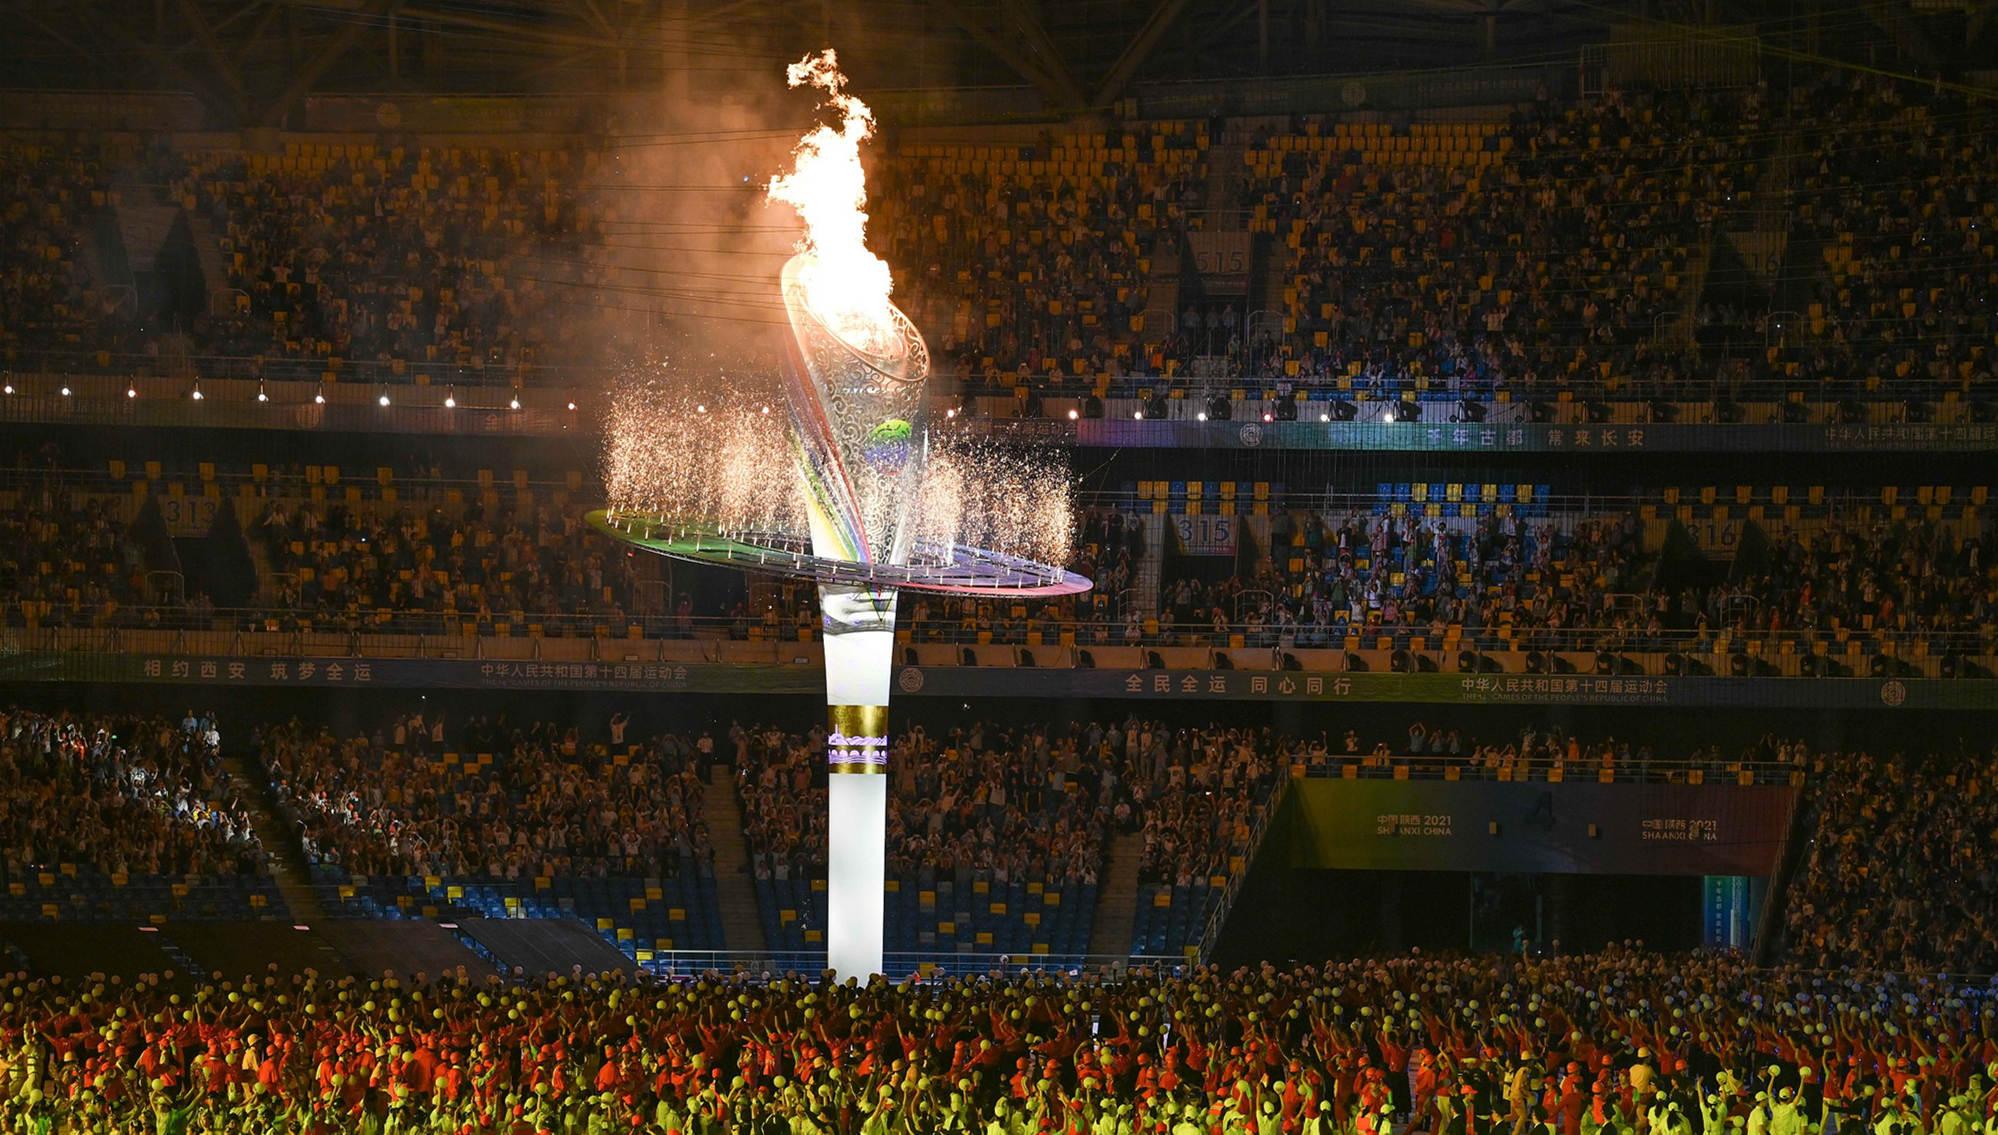 第十四届全运会开幕